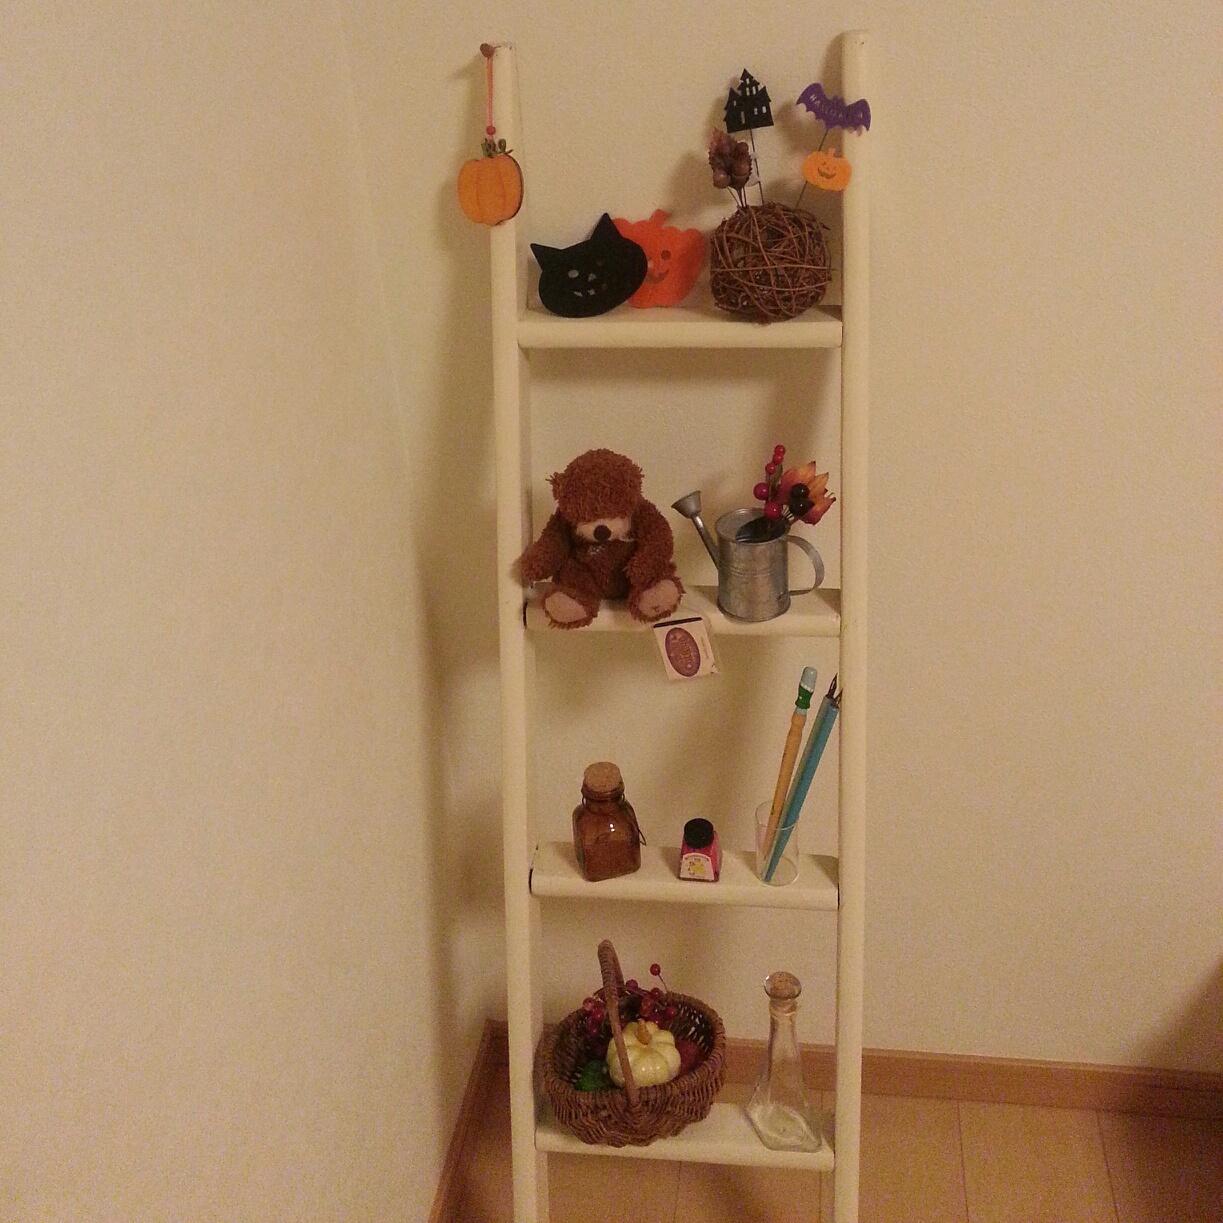 meguさんのお部屋